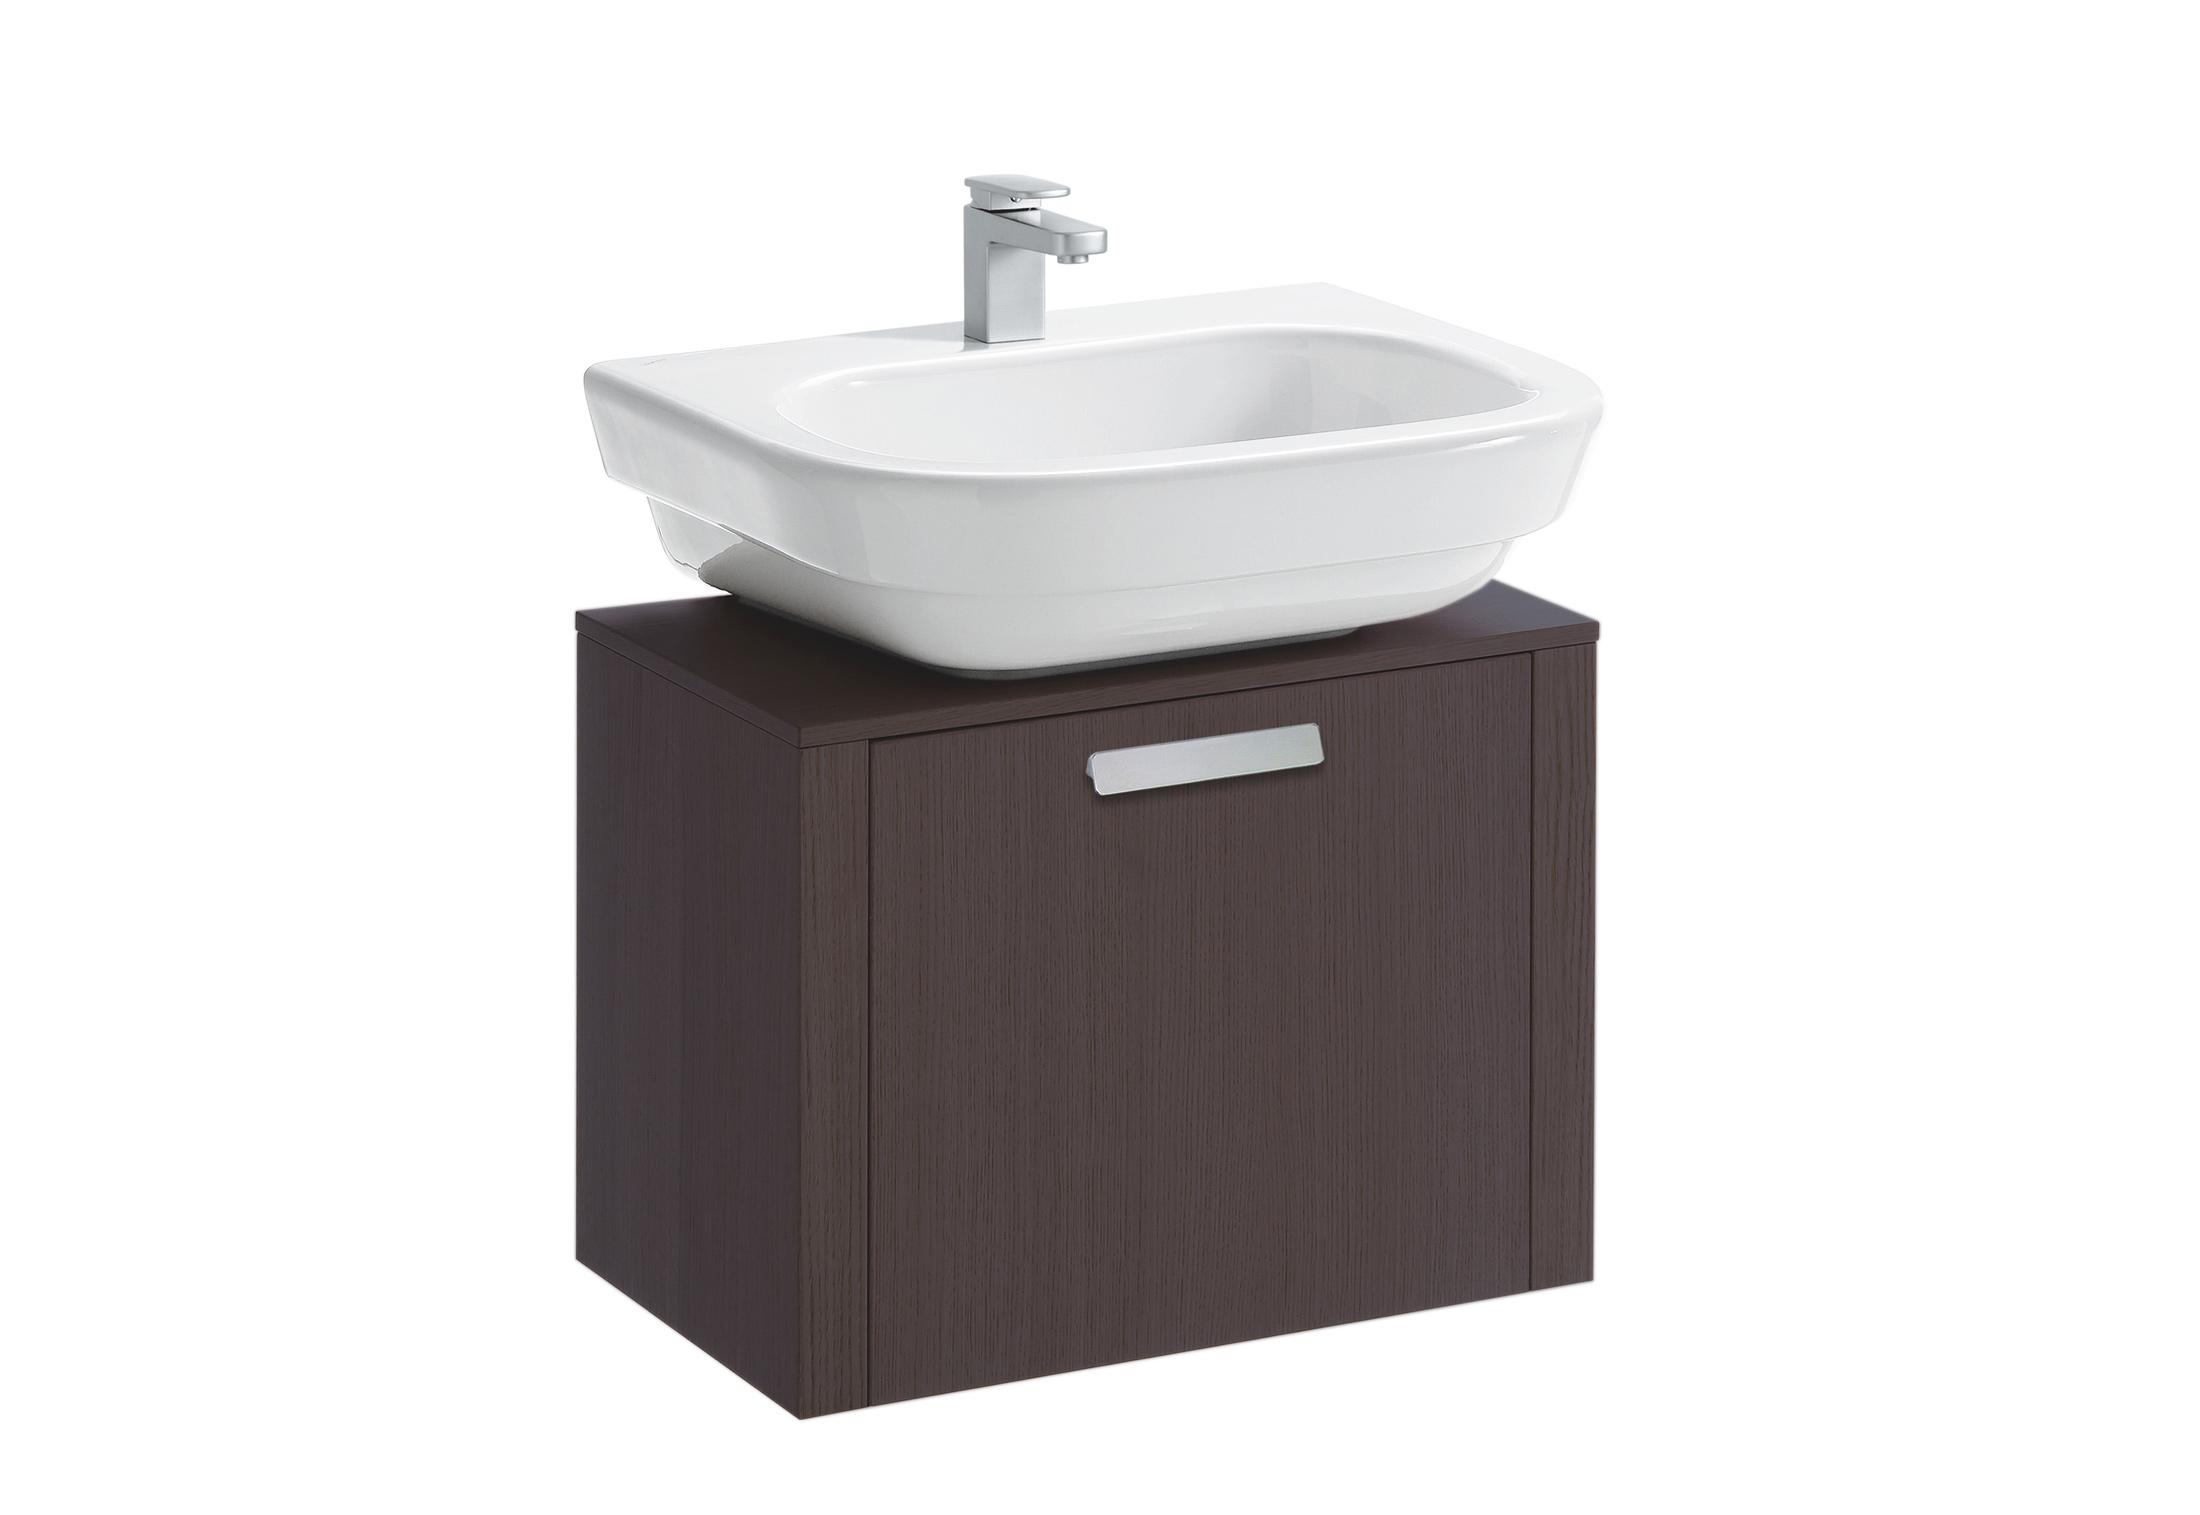 Lb3 Waschtischunterschrank modern von Laufen | STYLEPARK | {Waschtischunterschrank modern 91}